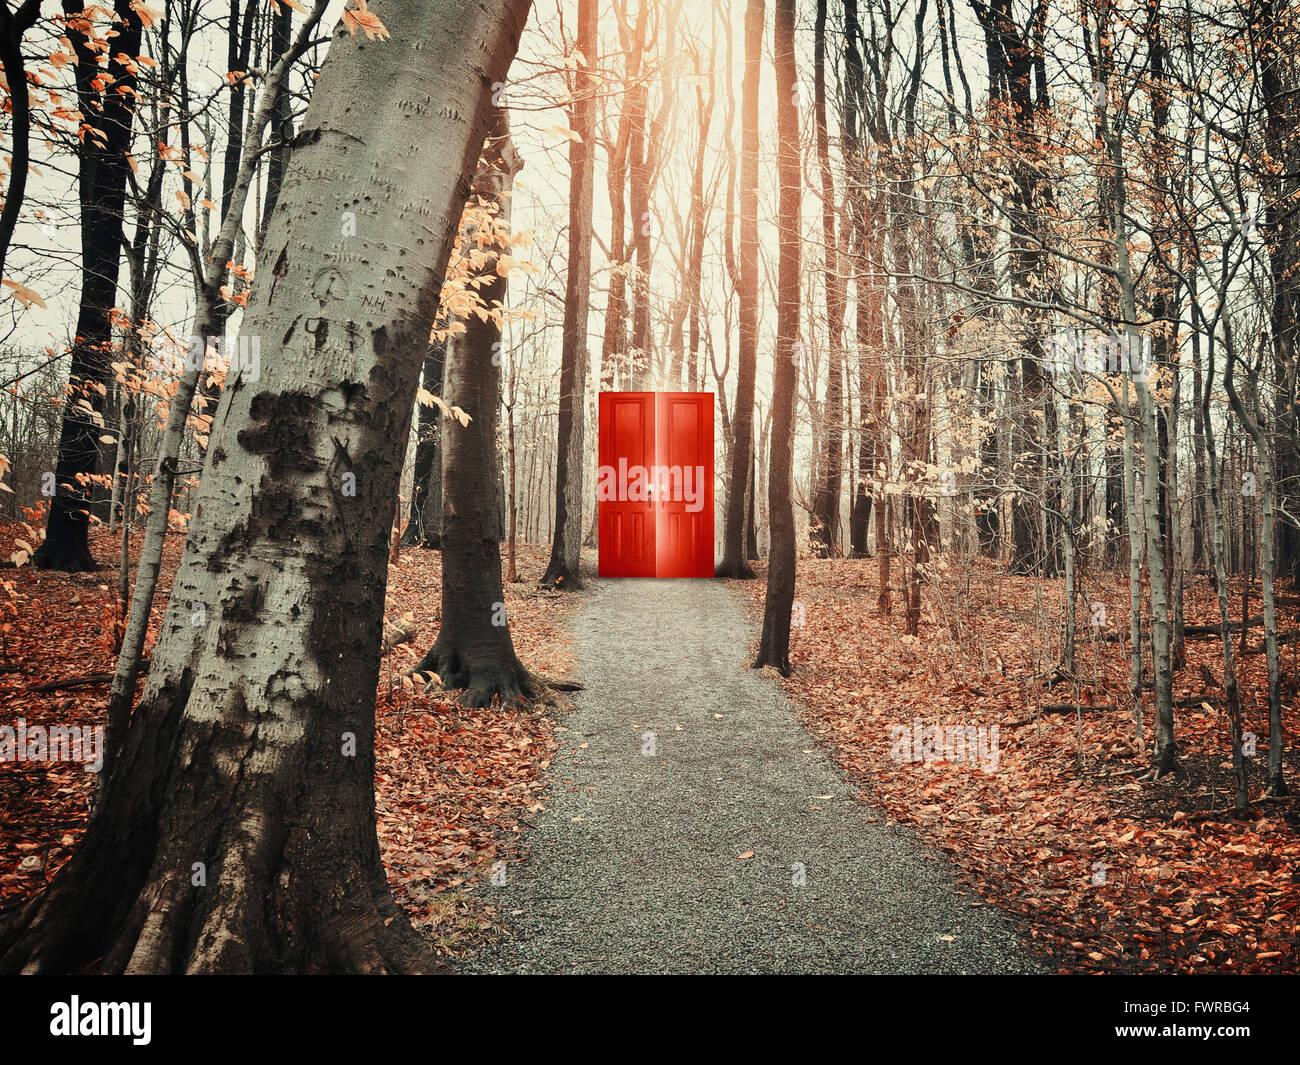 Una vista di un sentiero roccioso sentiero nella foresta di caduta con alberi di nudo di un rosso brillante porta Immagini Stock